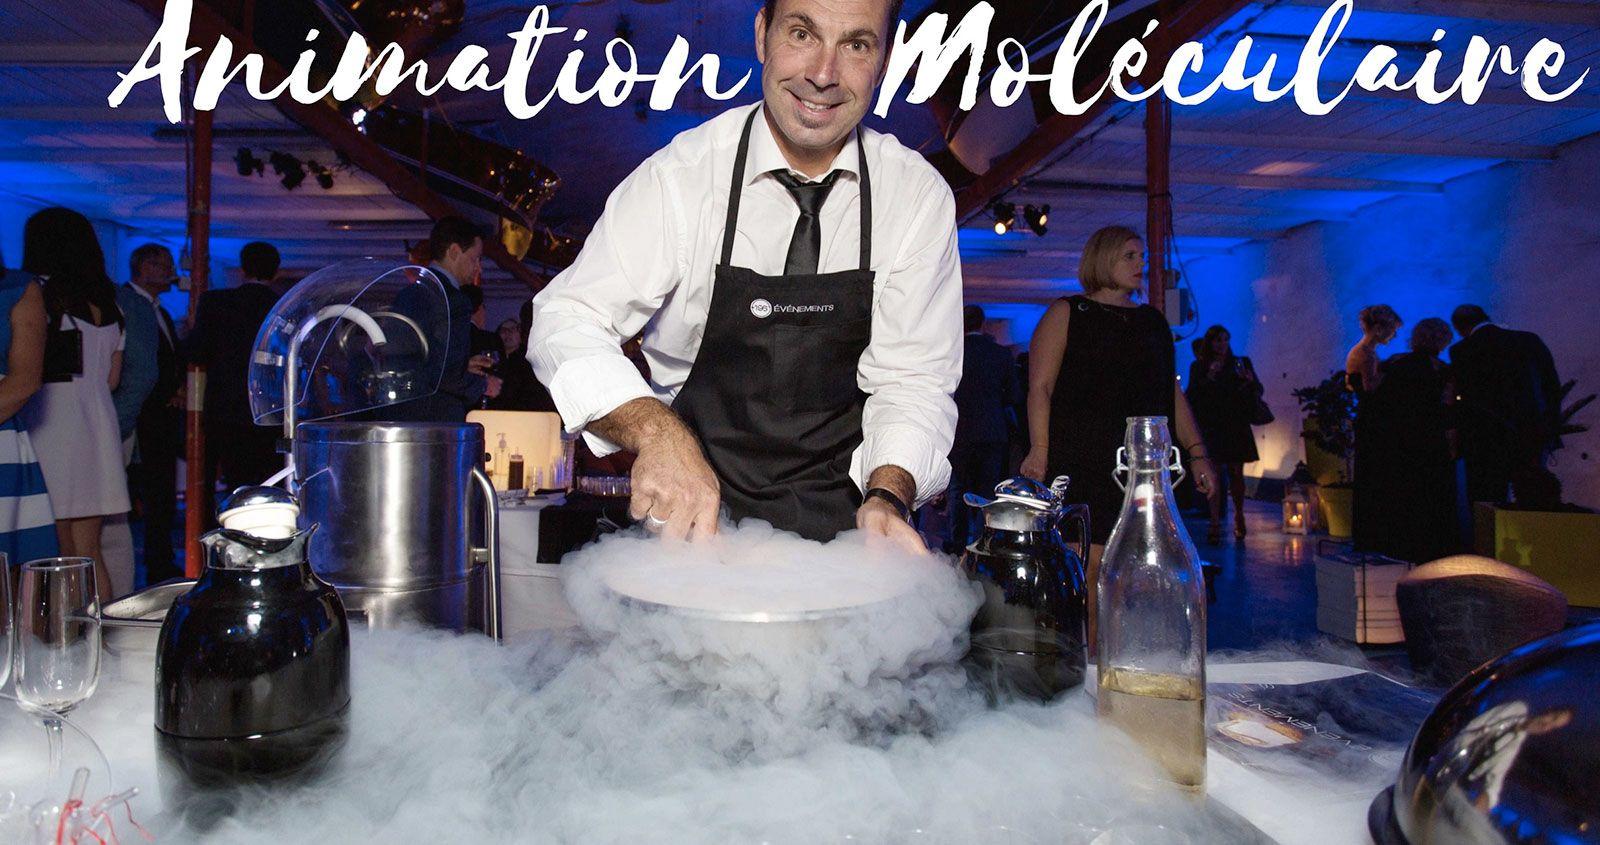 site-cuisine-moleculaire